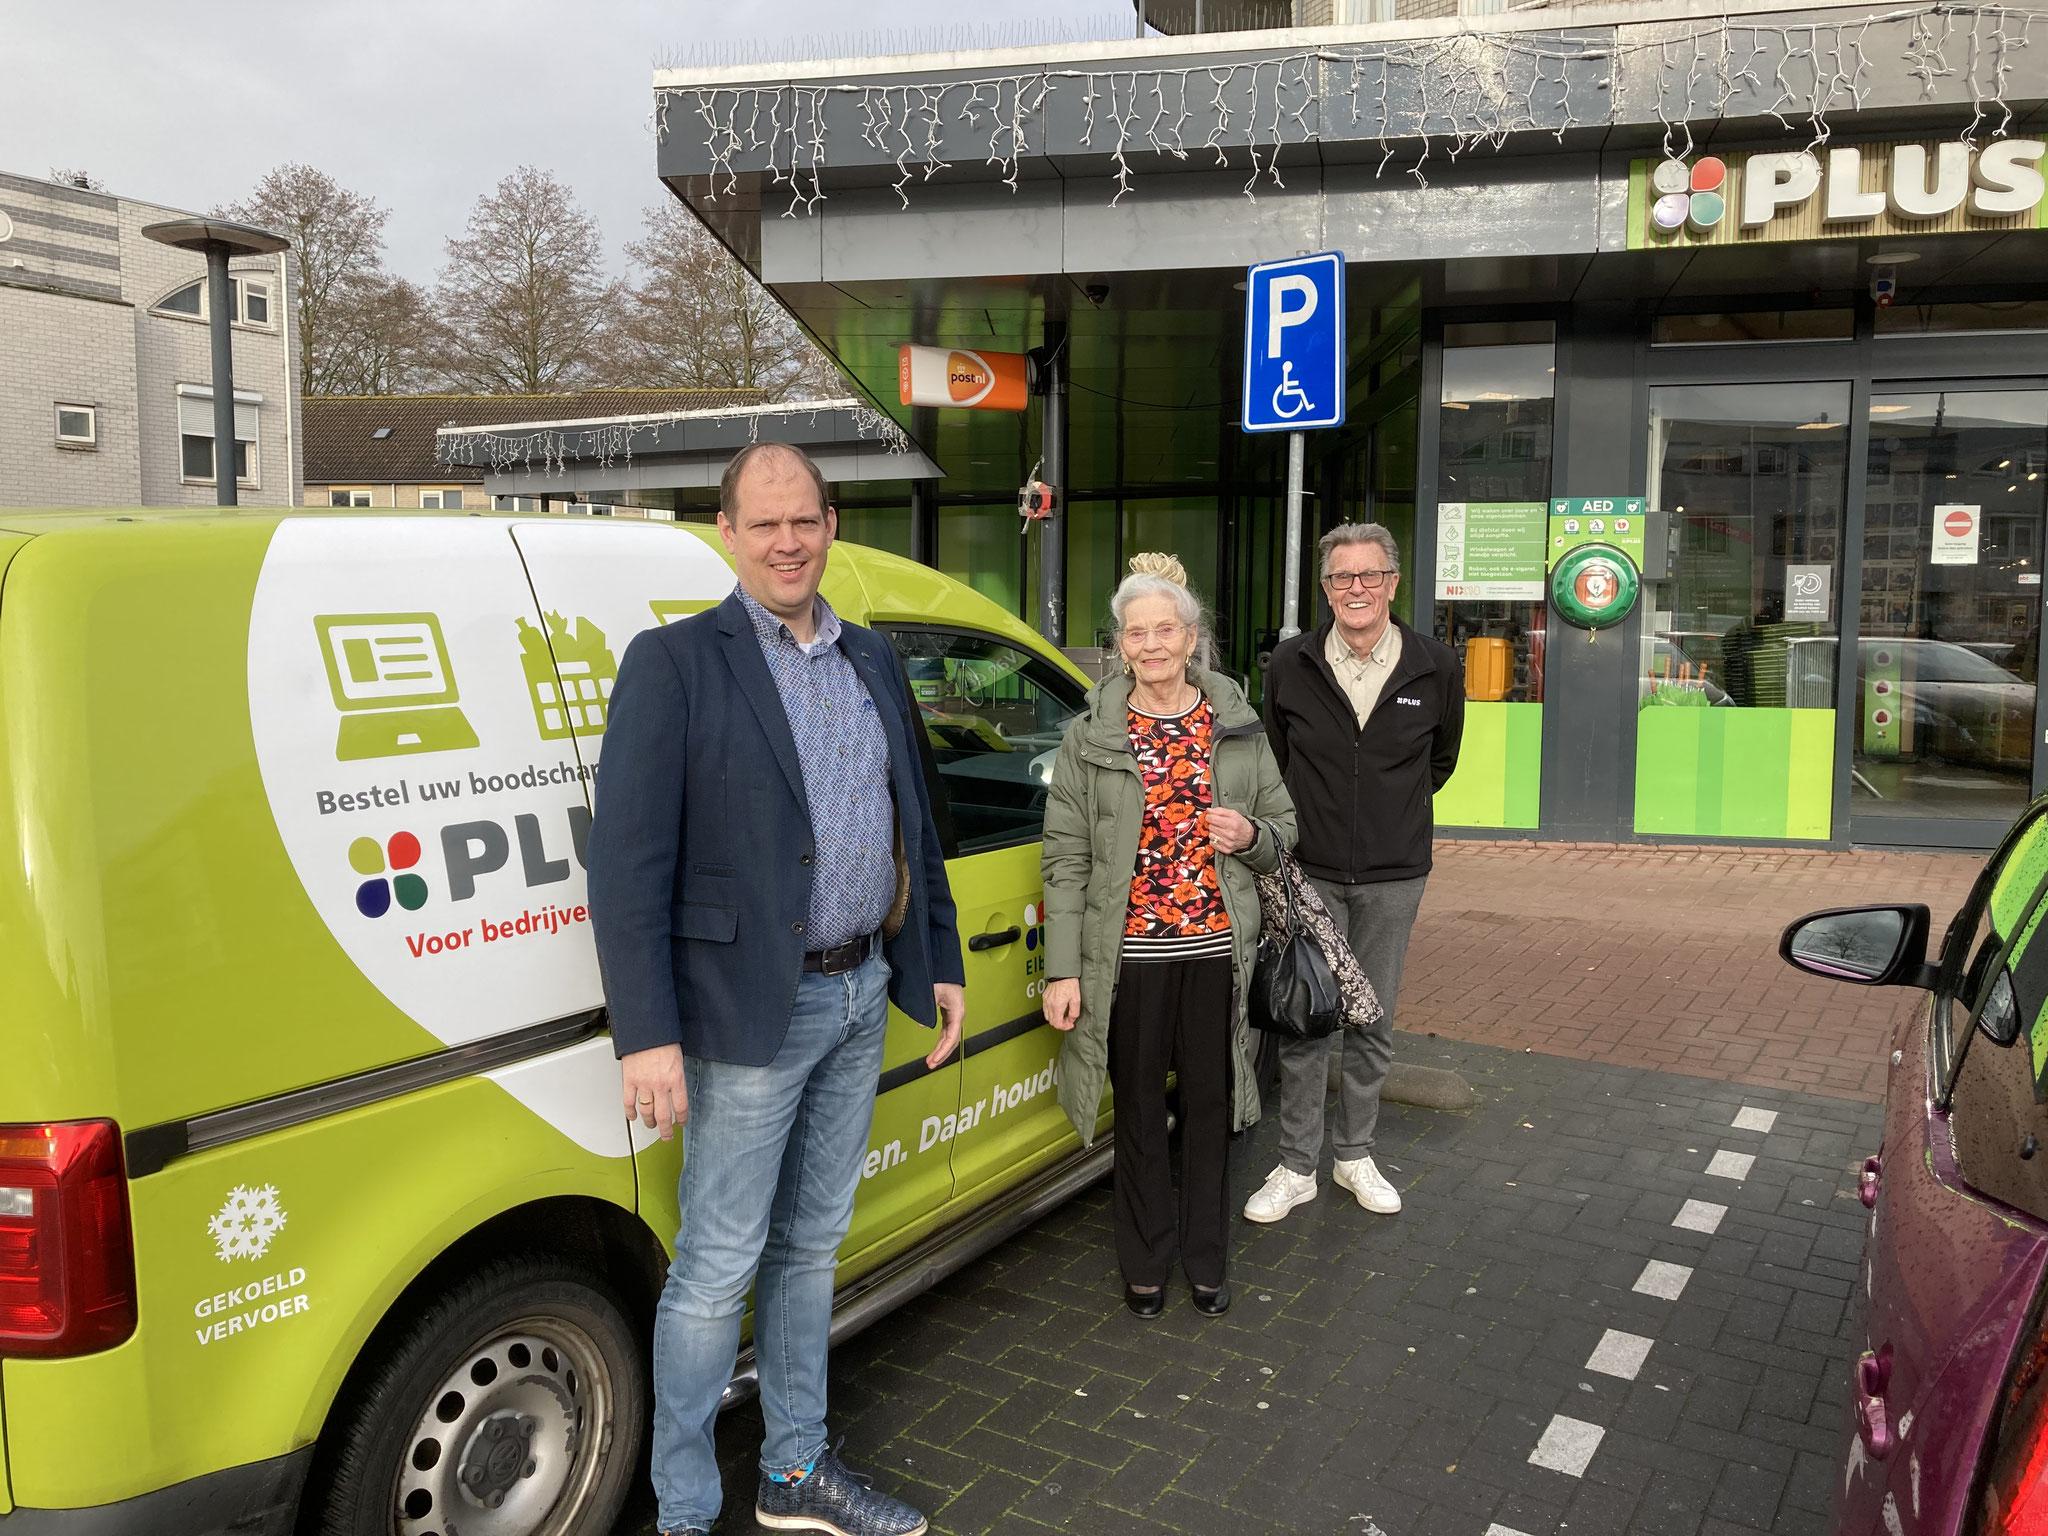 Plusmarkt Elbert van den Doel sponsort boodschappentaxi voor leden van de Klussendienst